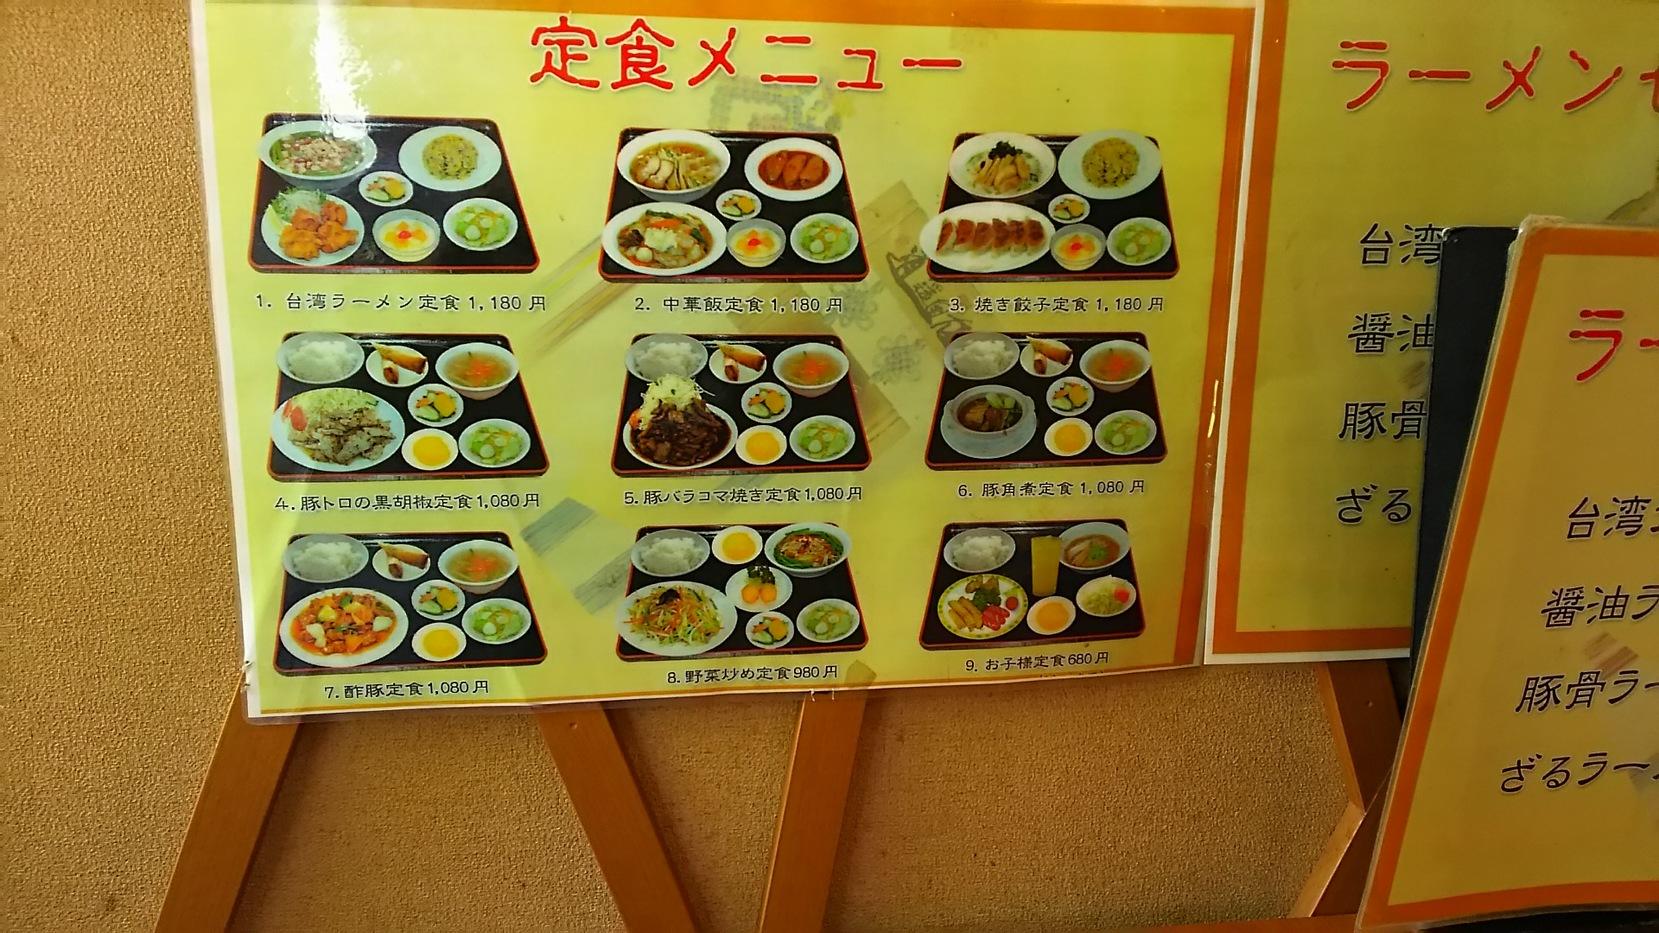 台湾料理 雅味 安城店